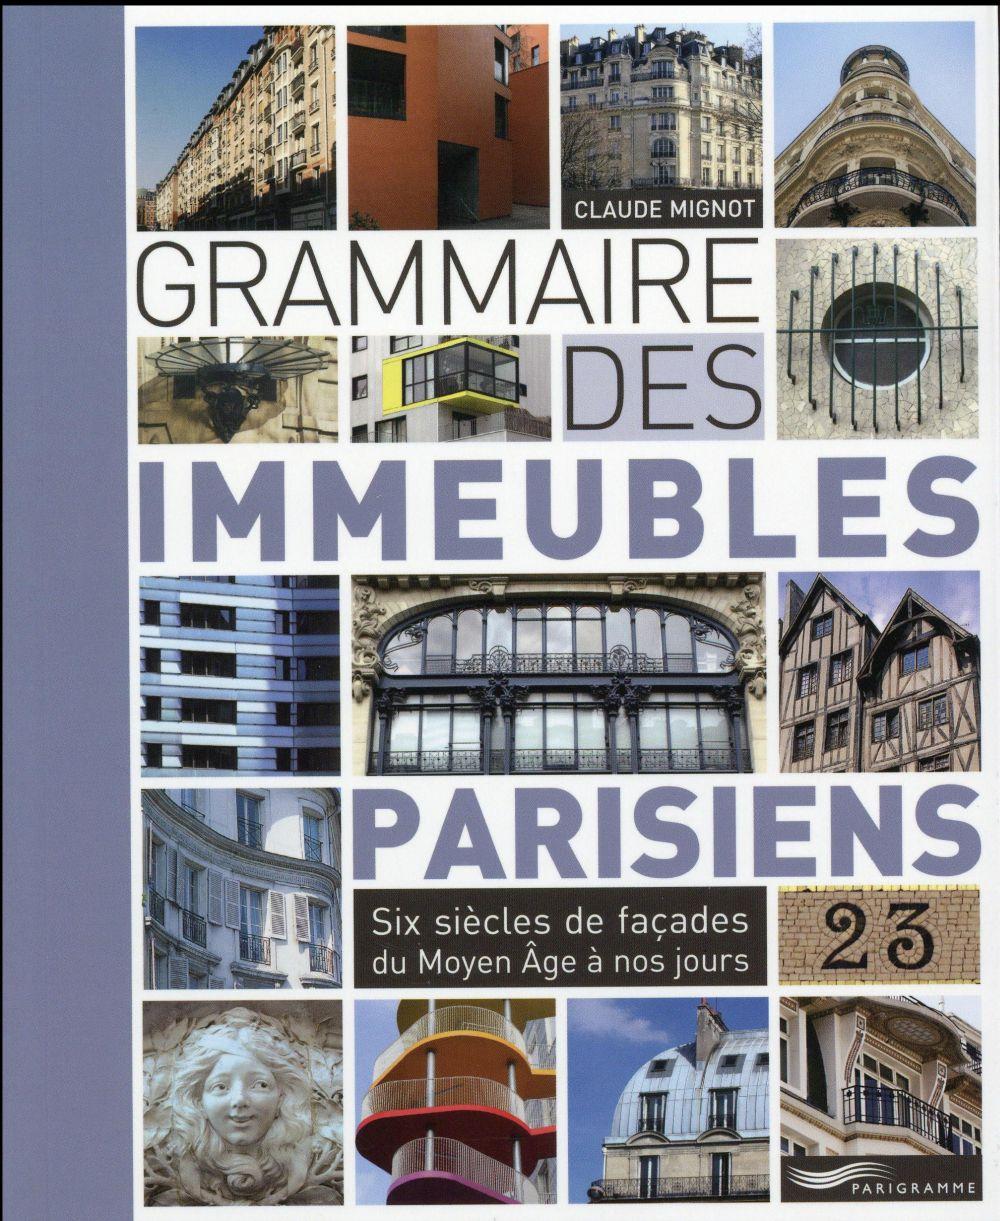 GRAMMAIRE DES IMMEUBLES PARISIENS 2013 MIGNOT CLAUDE Parigramme